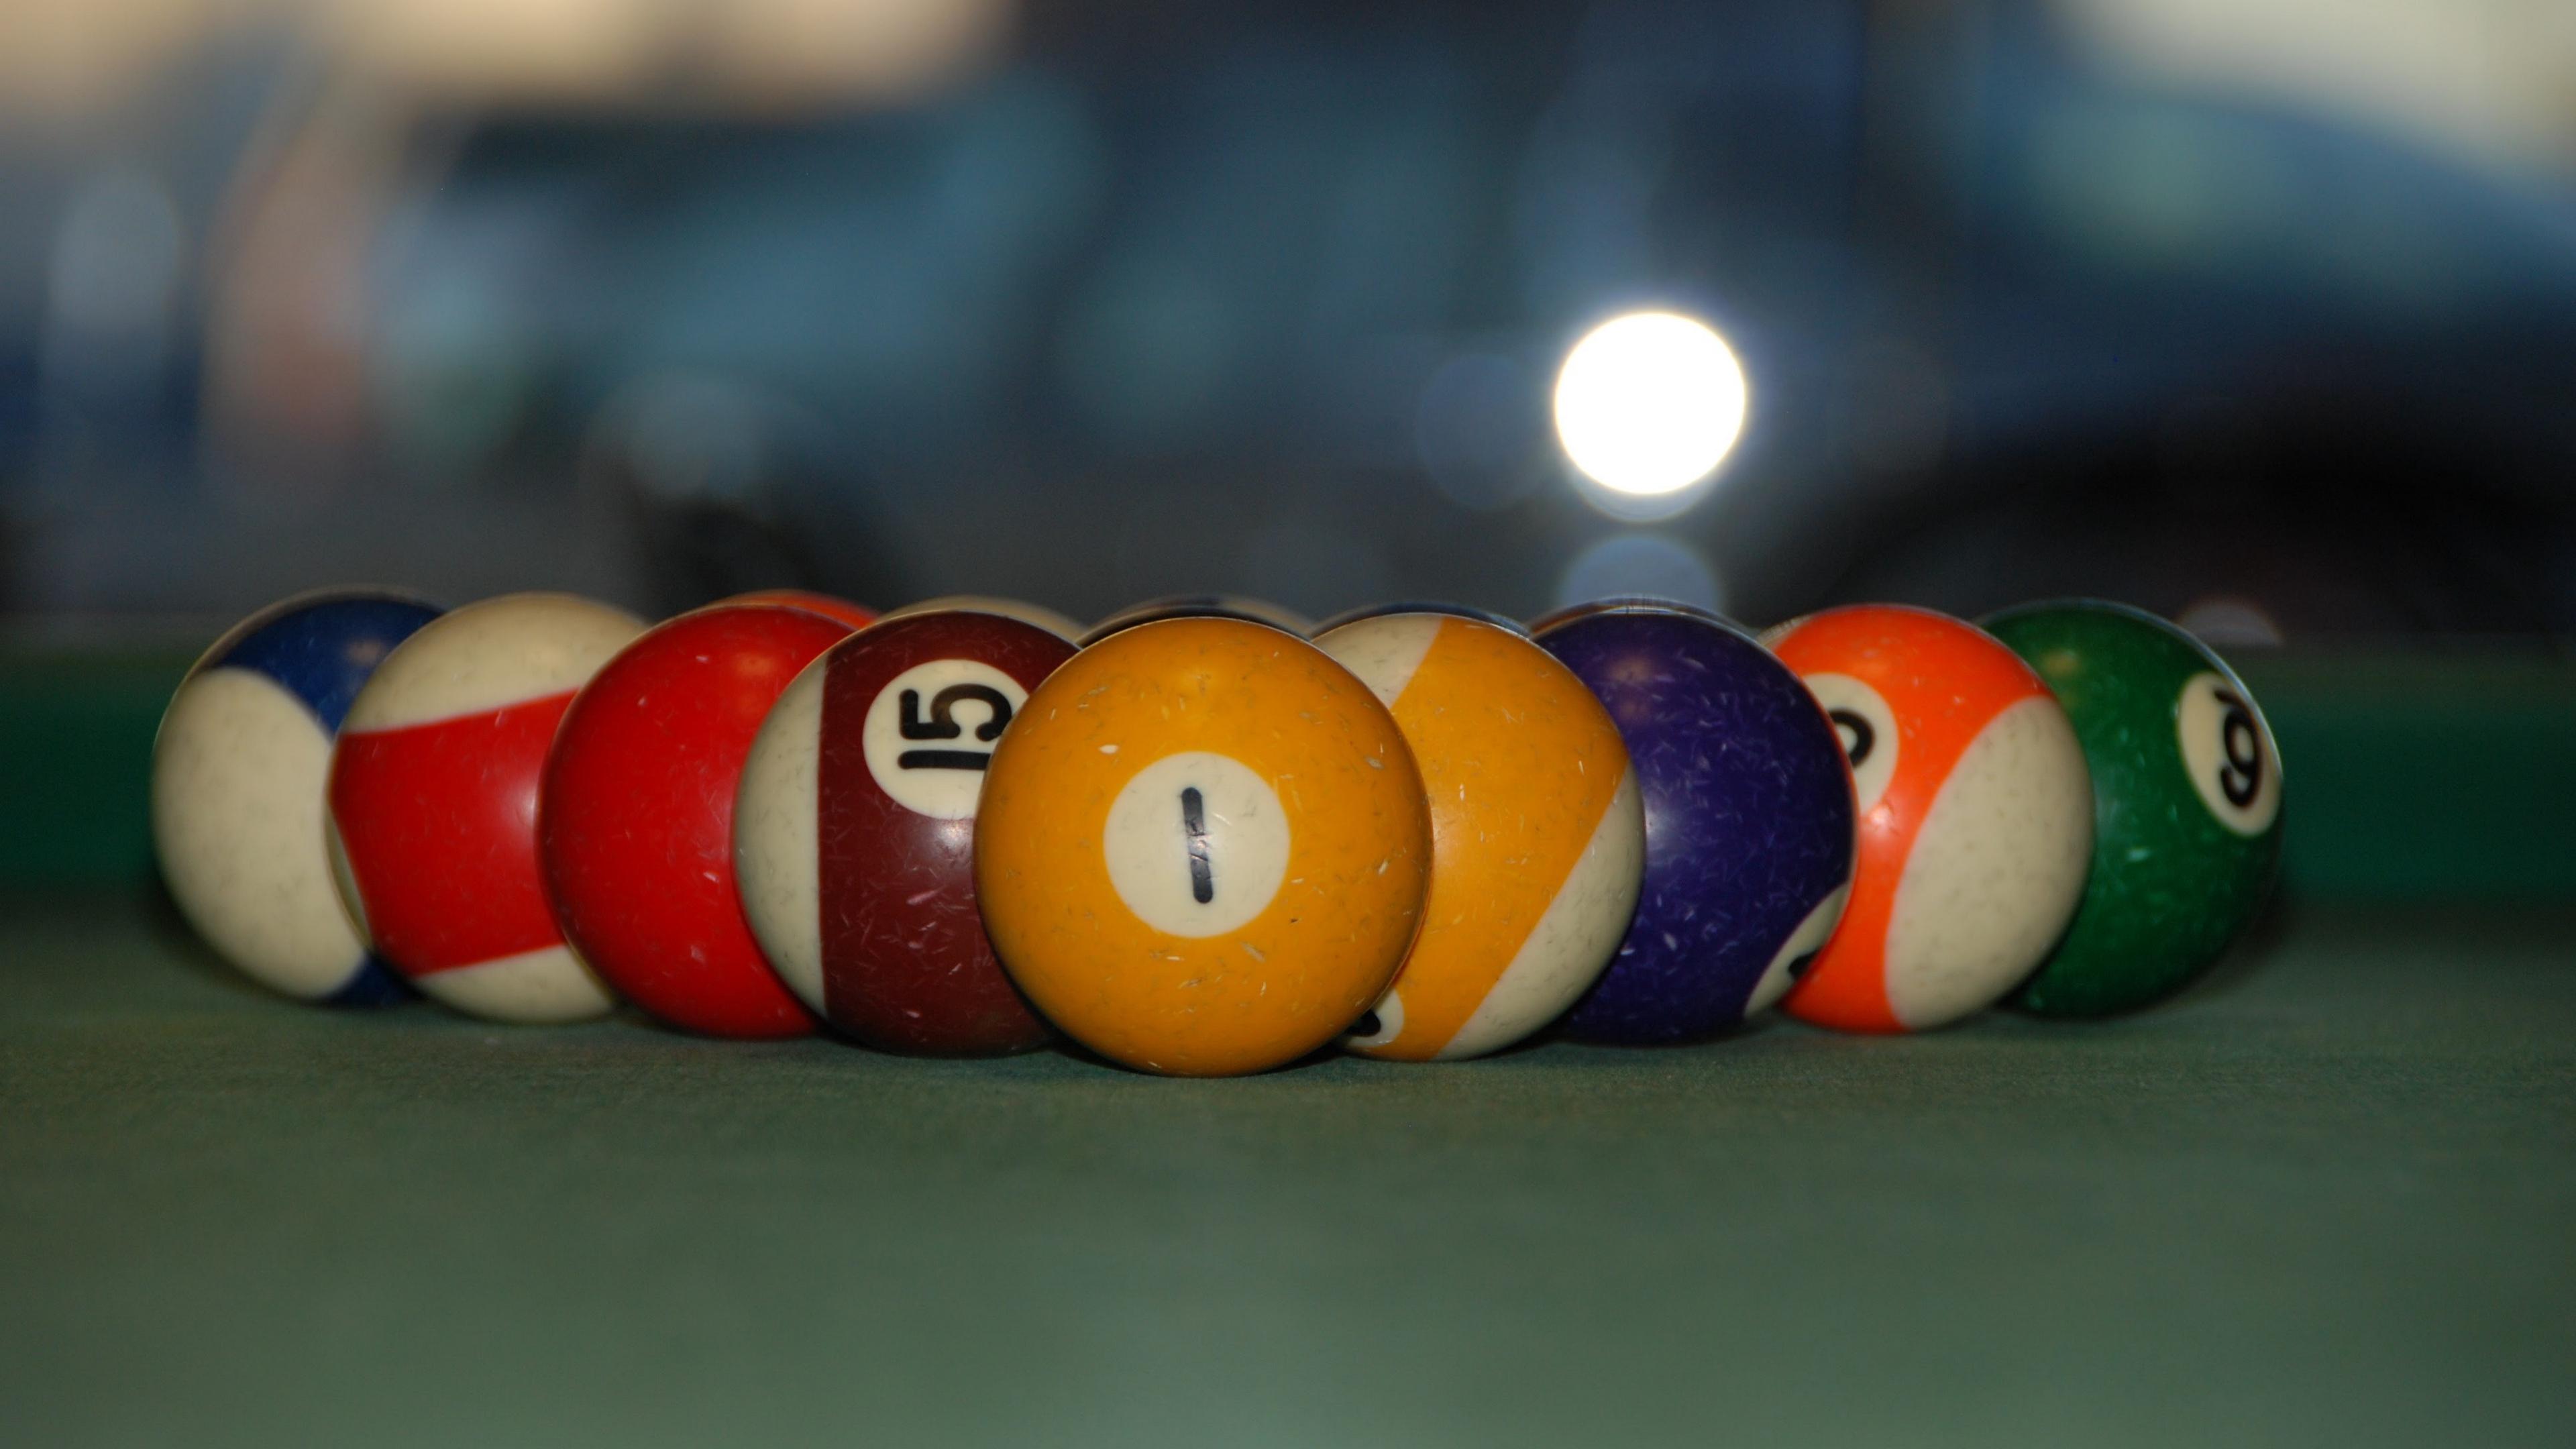 billiard balls cloth bowl 4k 1540062070 - billiard balls, cloth, bowl 4k - cloth, bowl, billiard balls